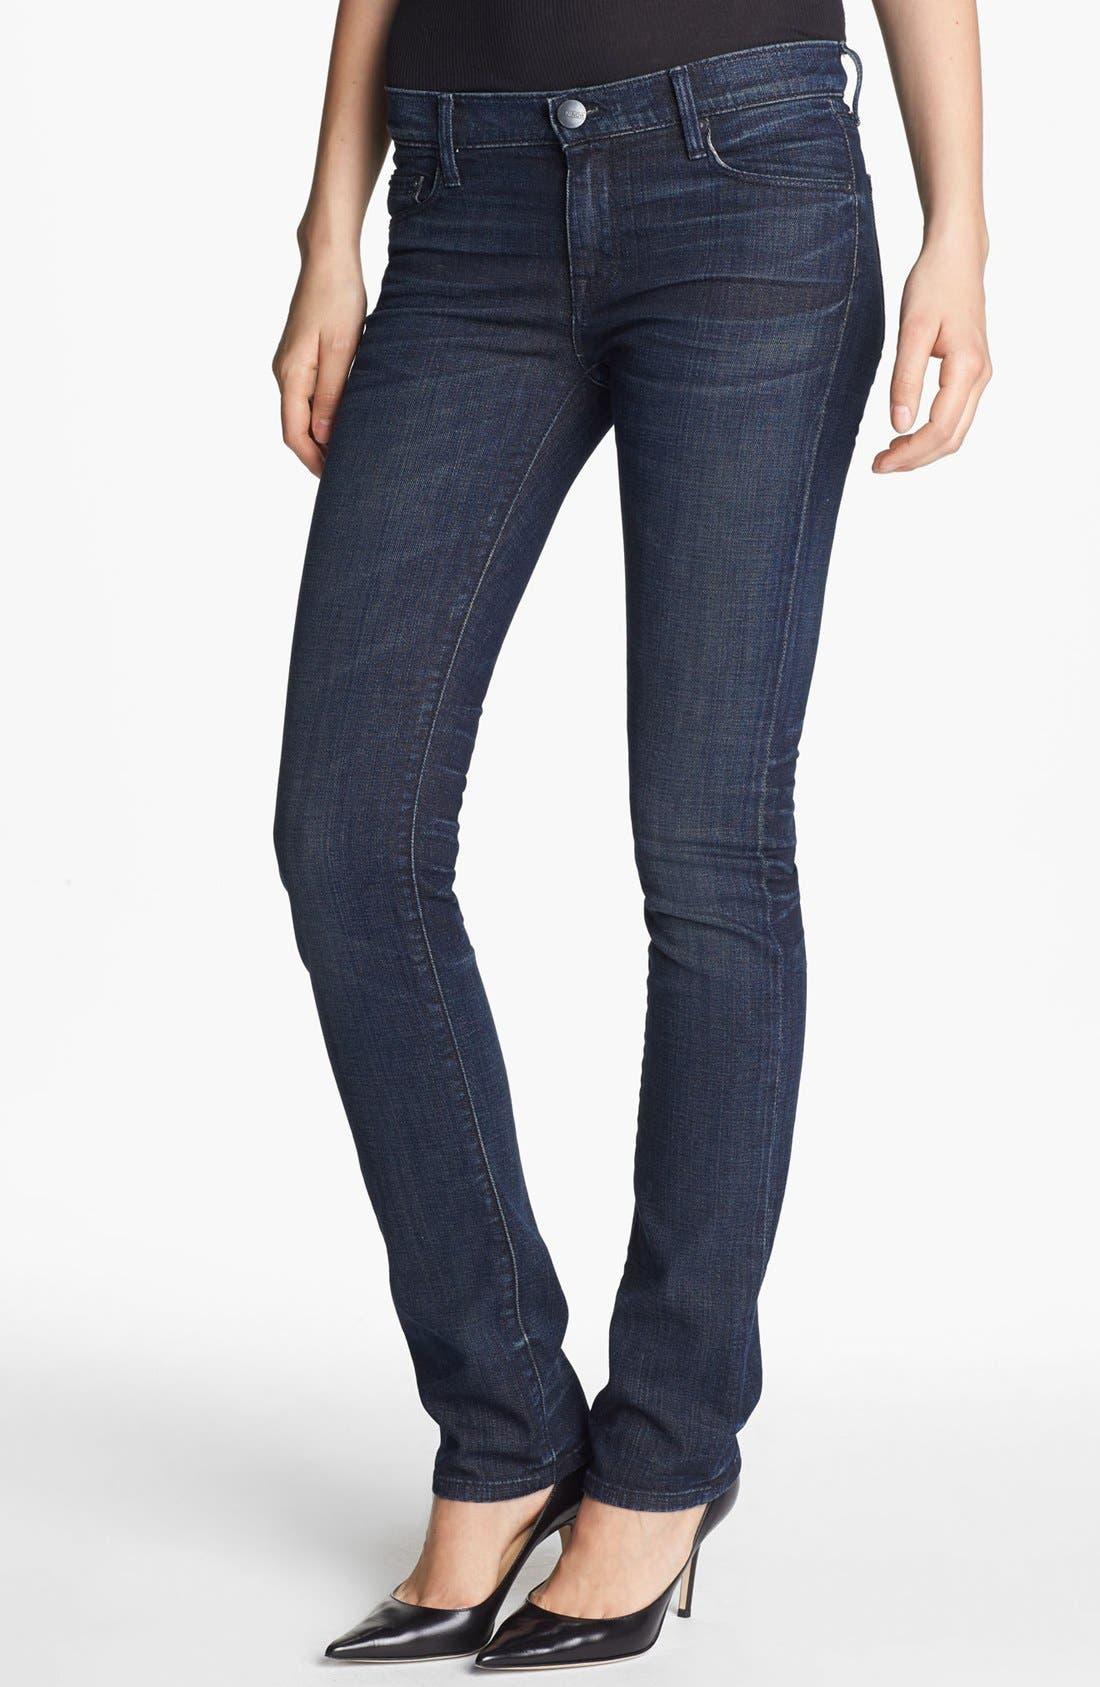 Alternate Image 1 Selected - Vince Cigarette Leg Stretch Jeans (Dark Crimson Vintage)